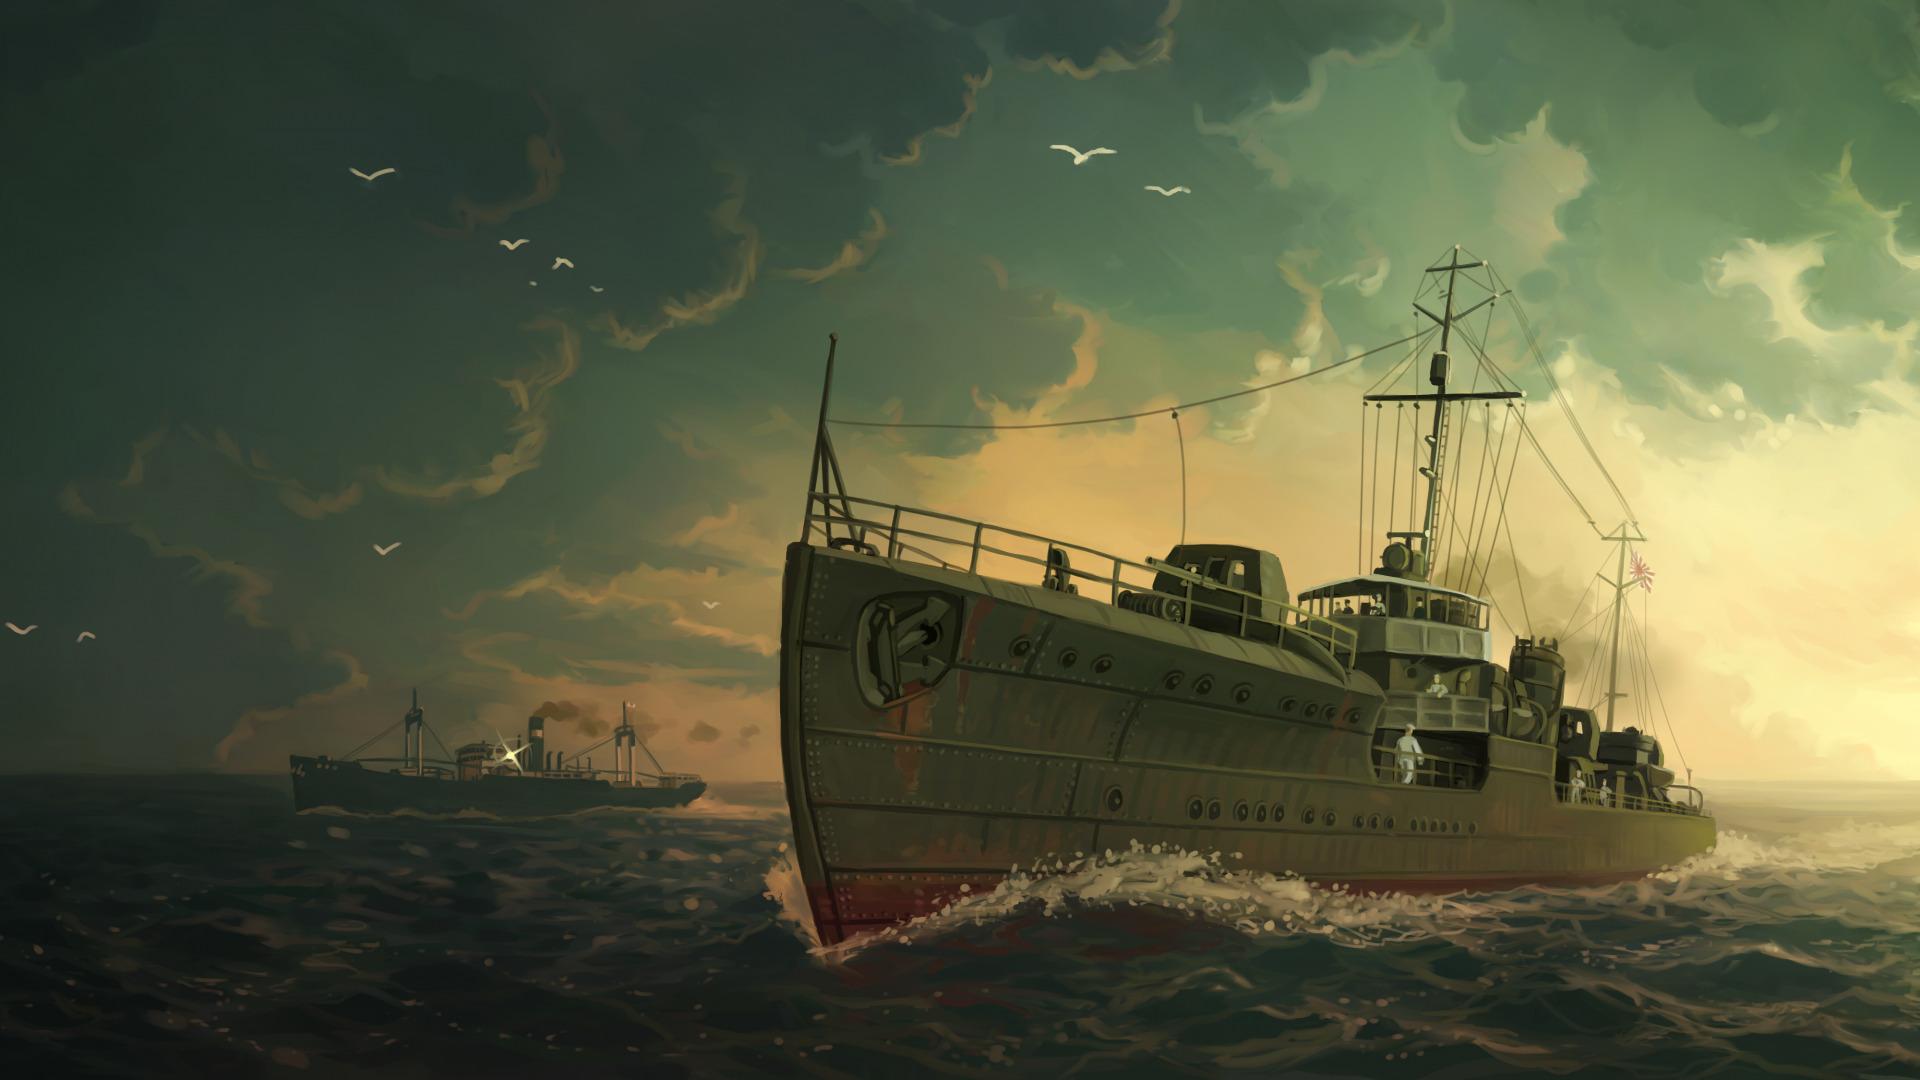 обои пиратские корабли для рабочего стола скачать бесплатно